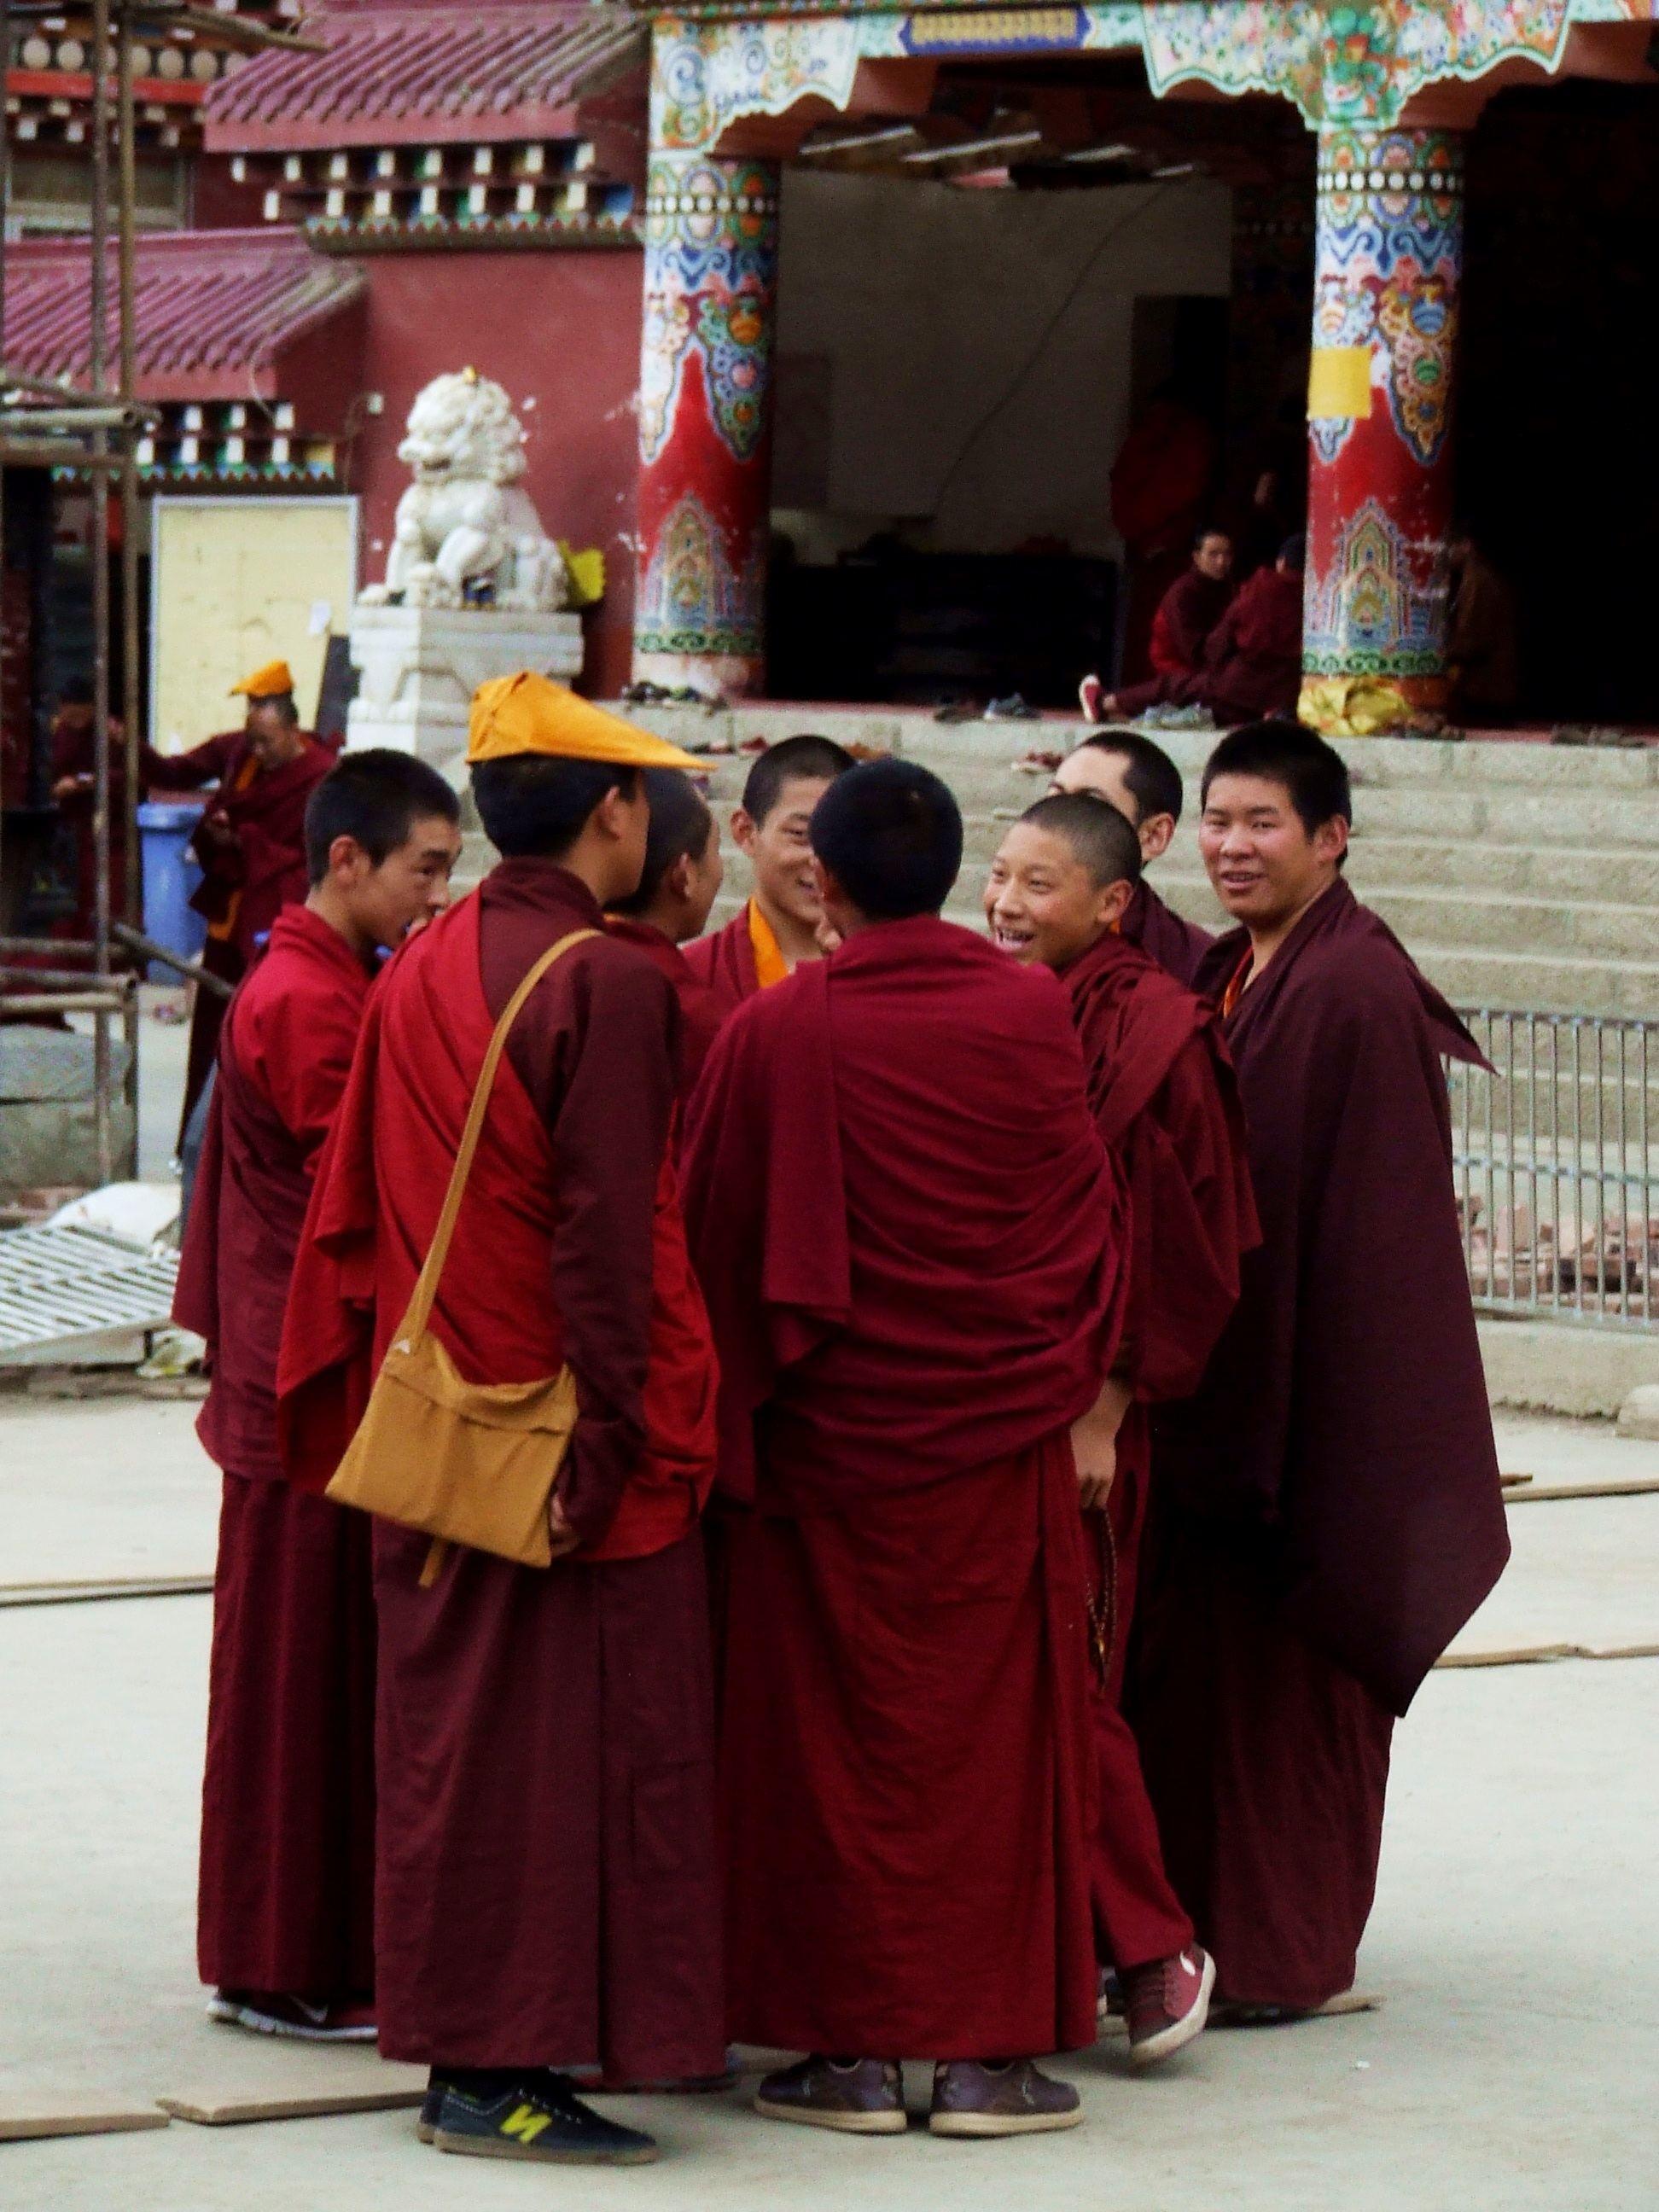 Mnisi buddyjscy w Tybecie - akademia buddyjska